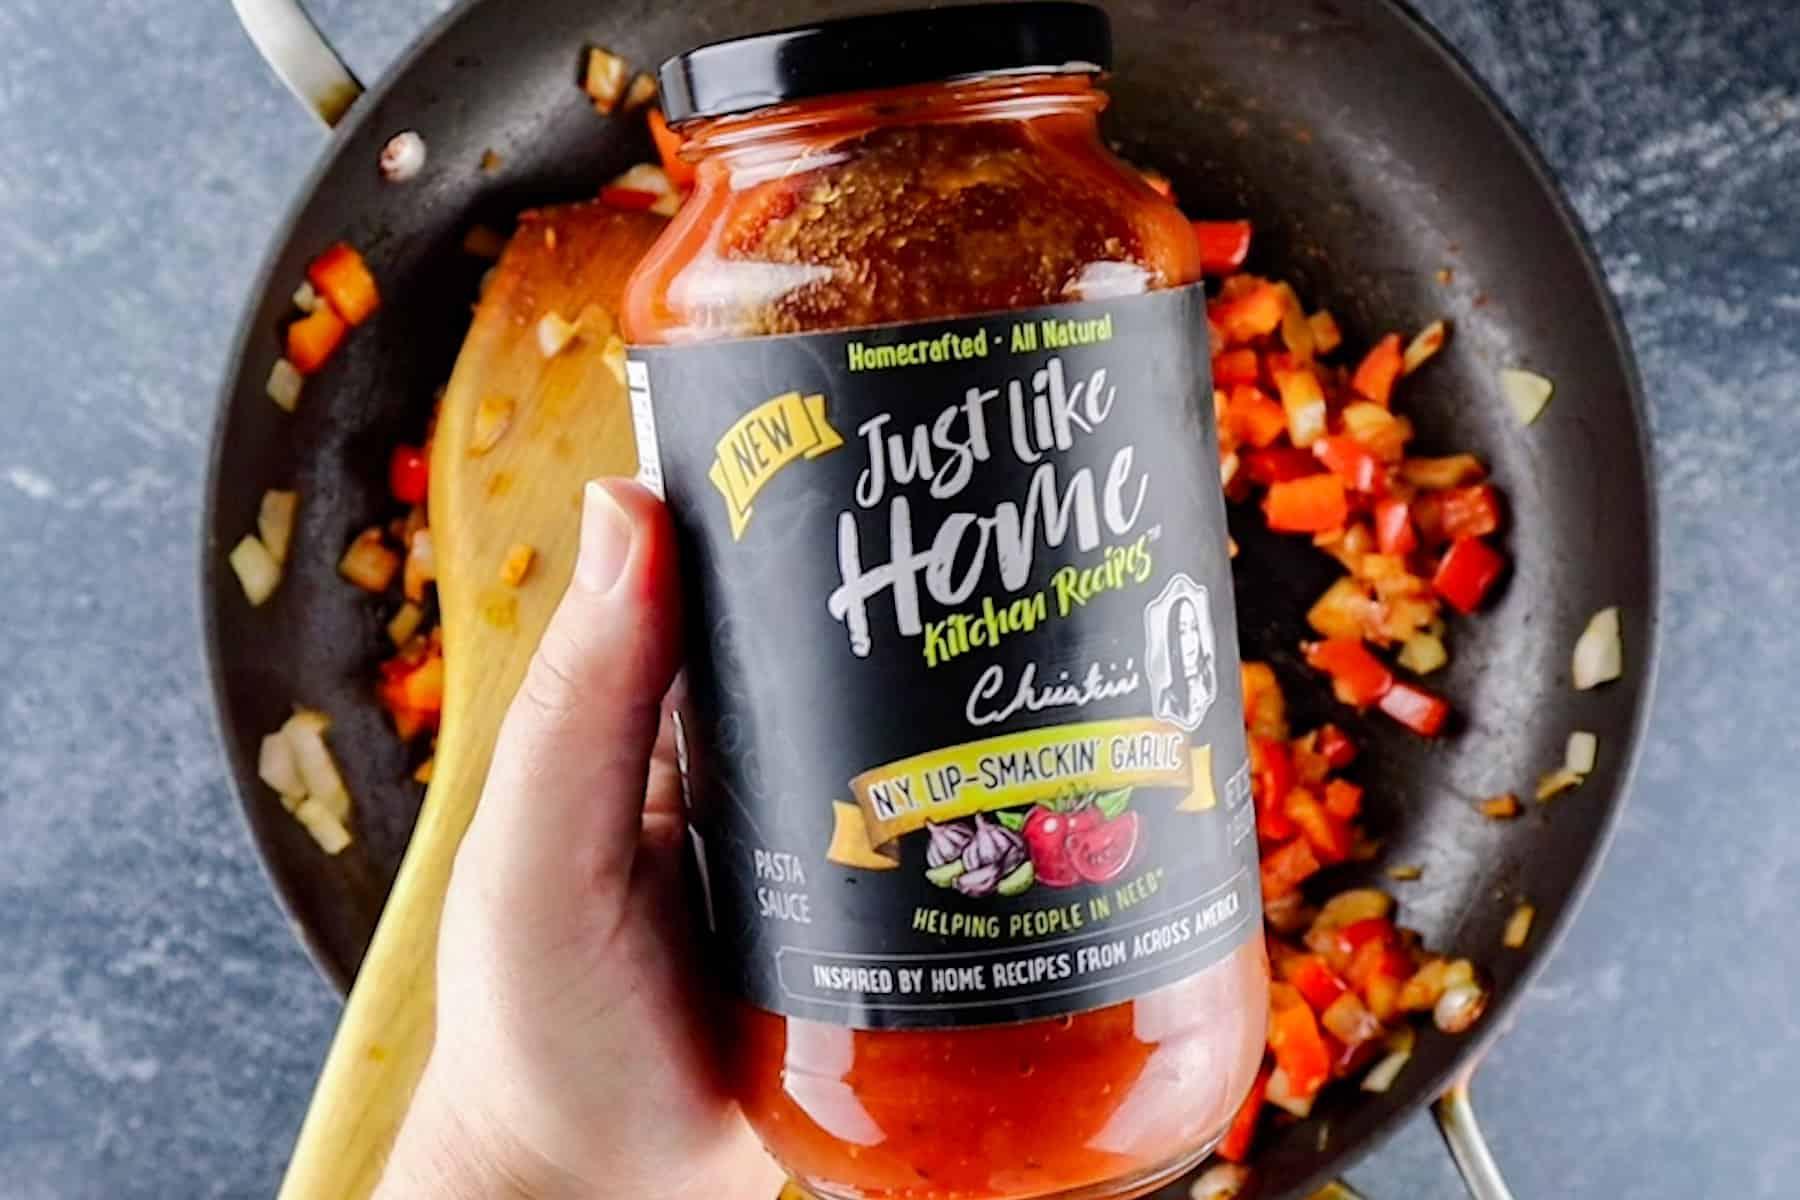 pasta sauce in jar